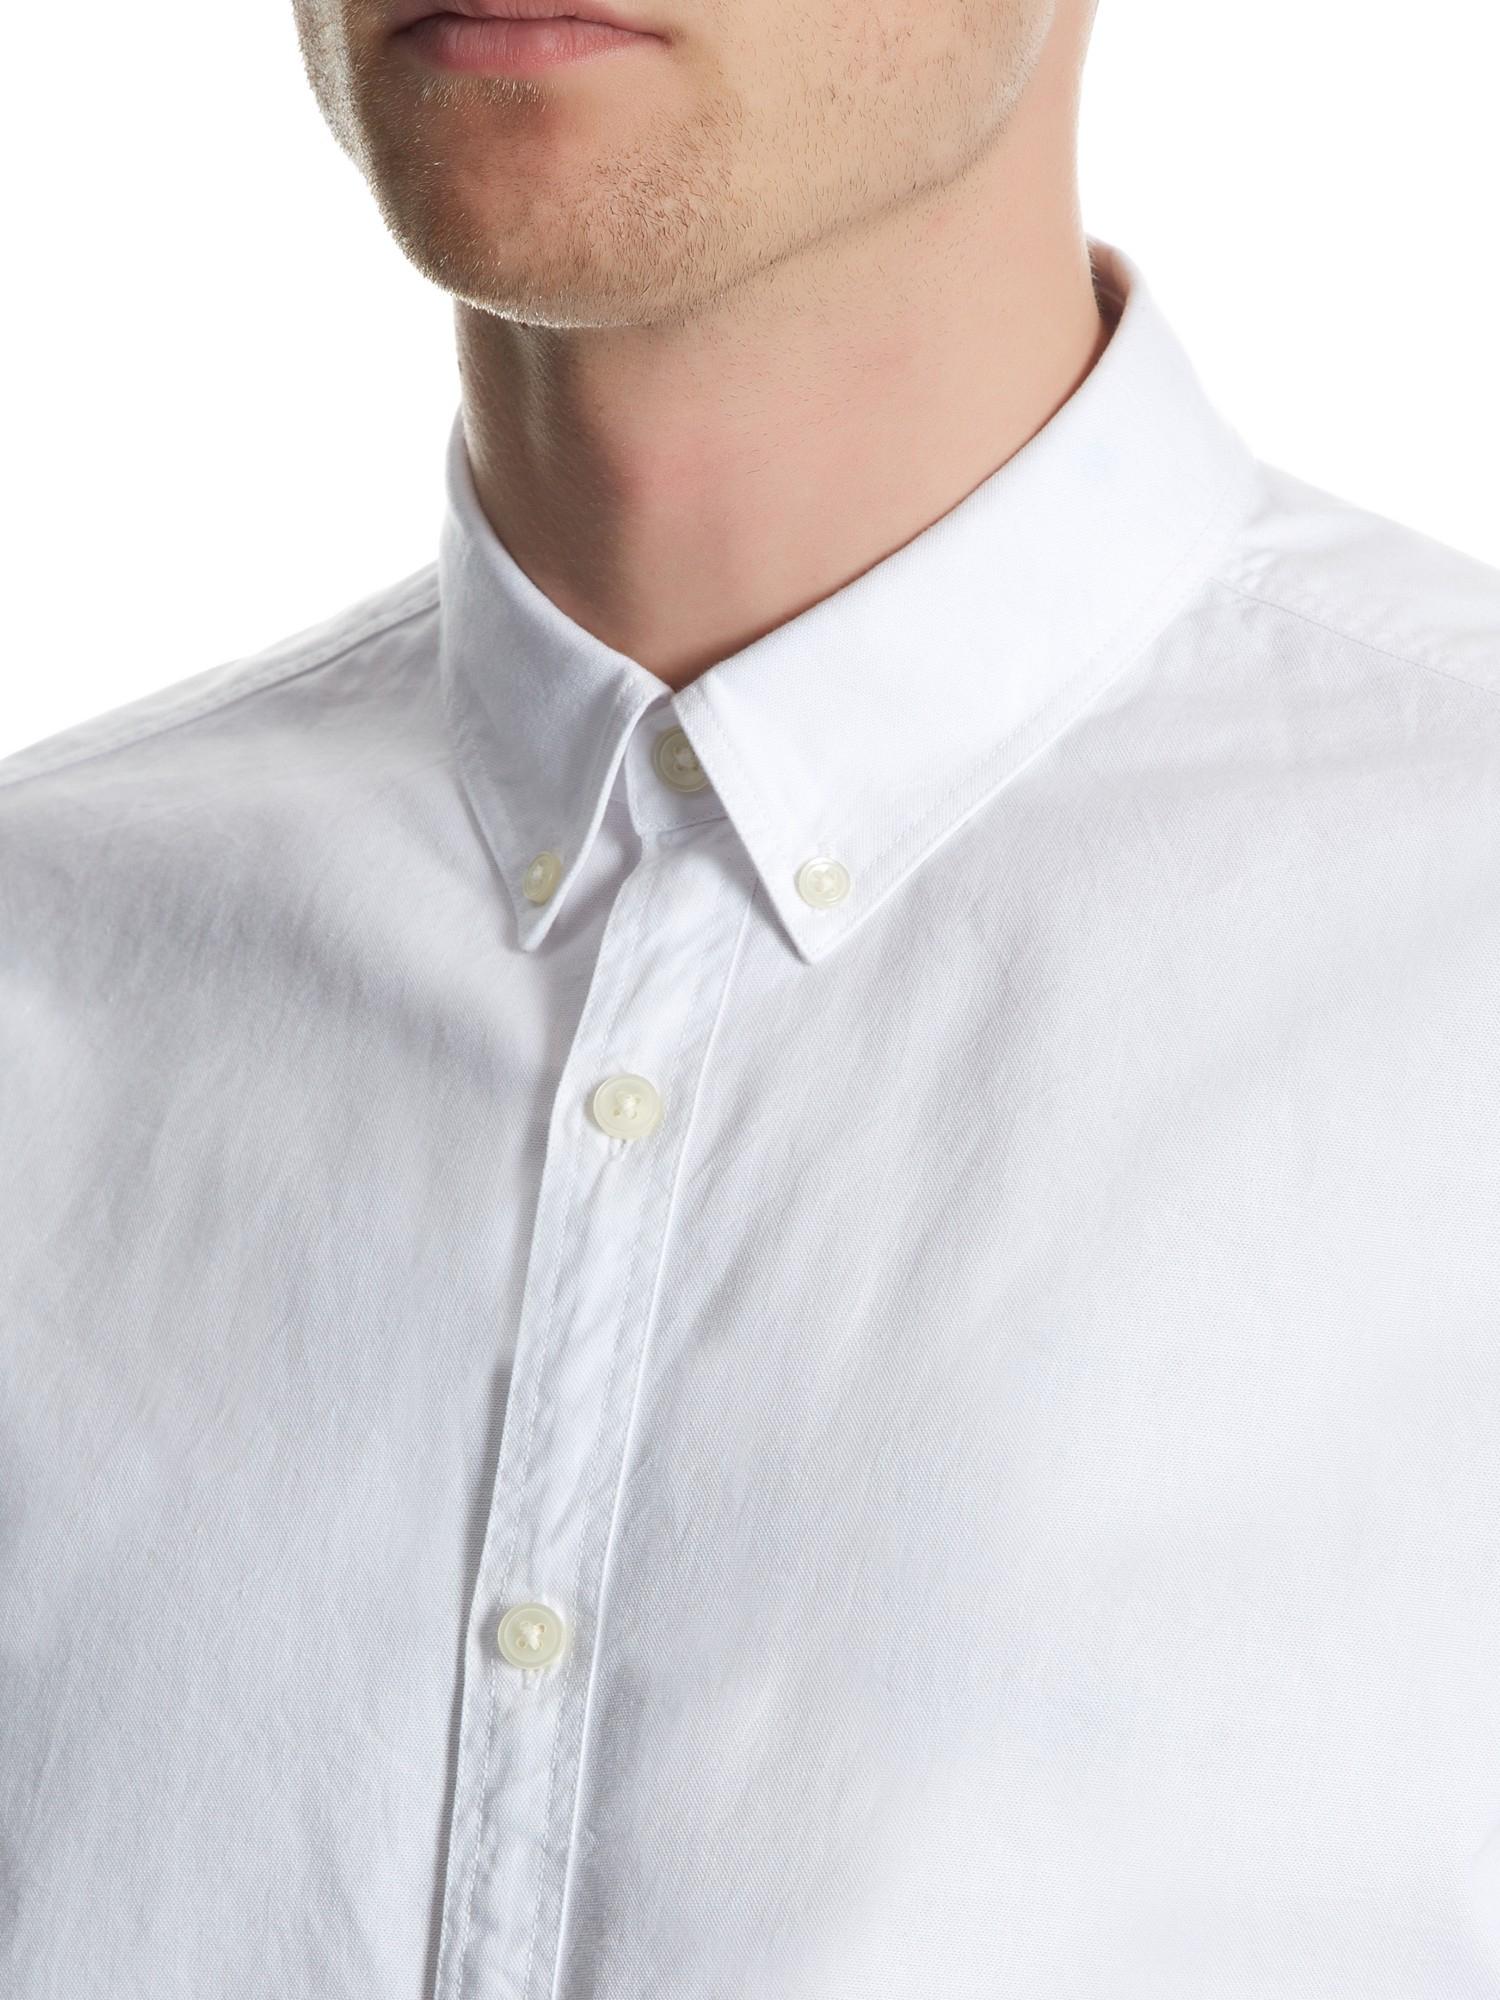 Jaeger Plain Regular Oxford Shirt in White for Men